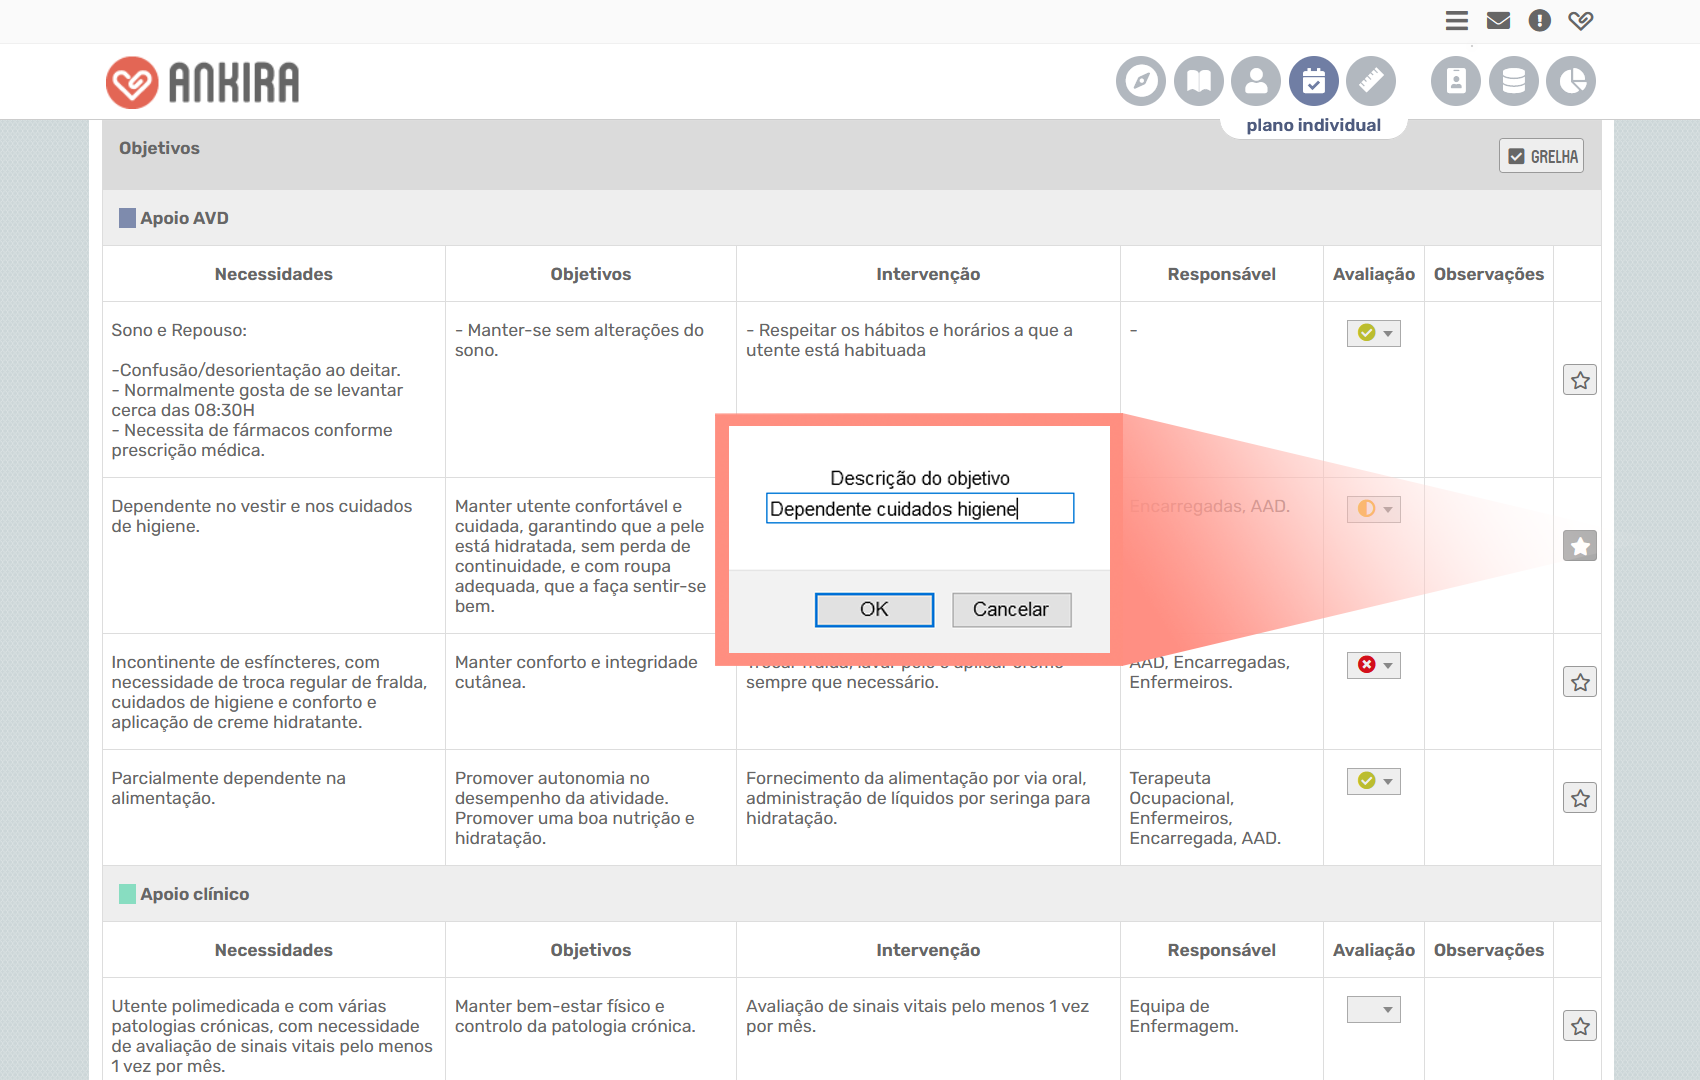 Ecrã da plataforma Ankira com plano individual do idoso com objetivos favoritos